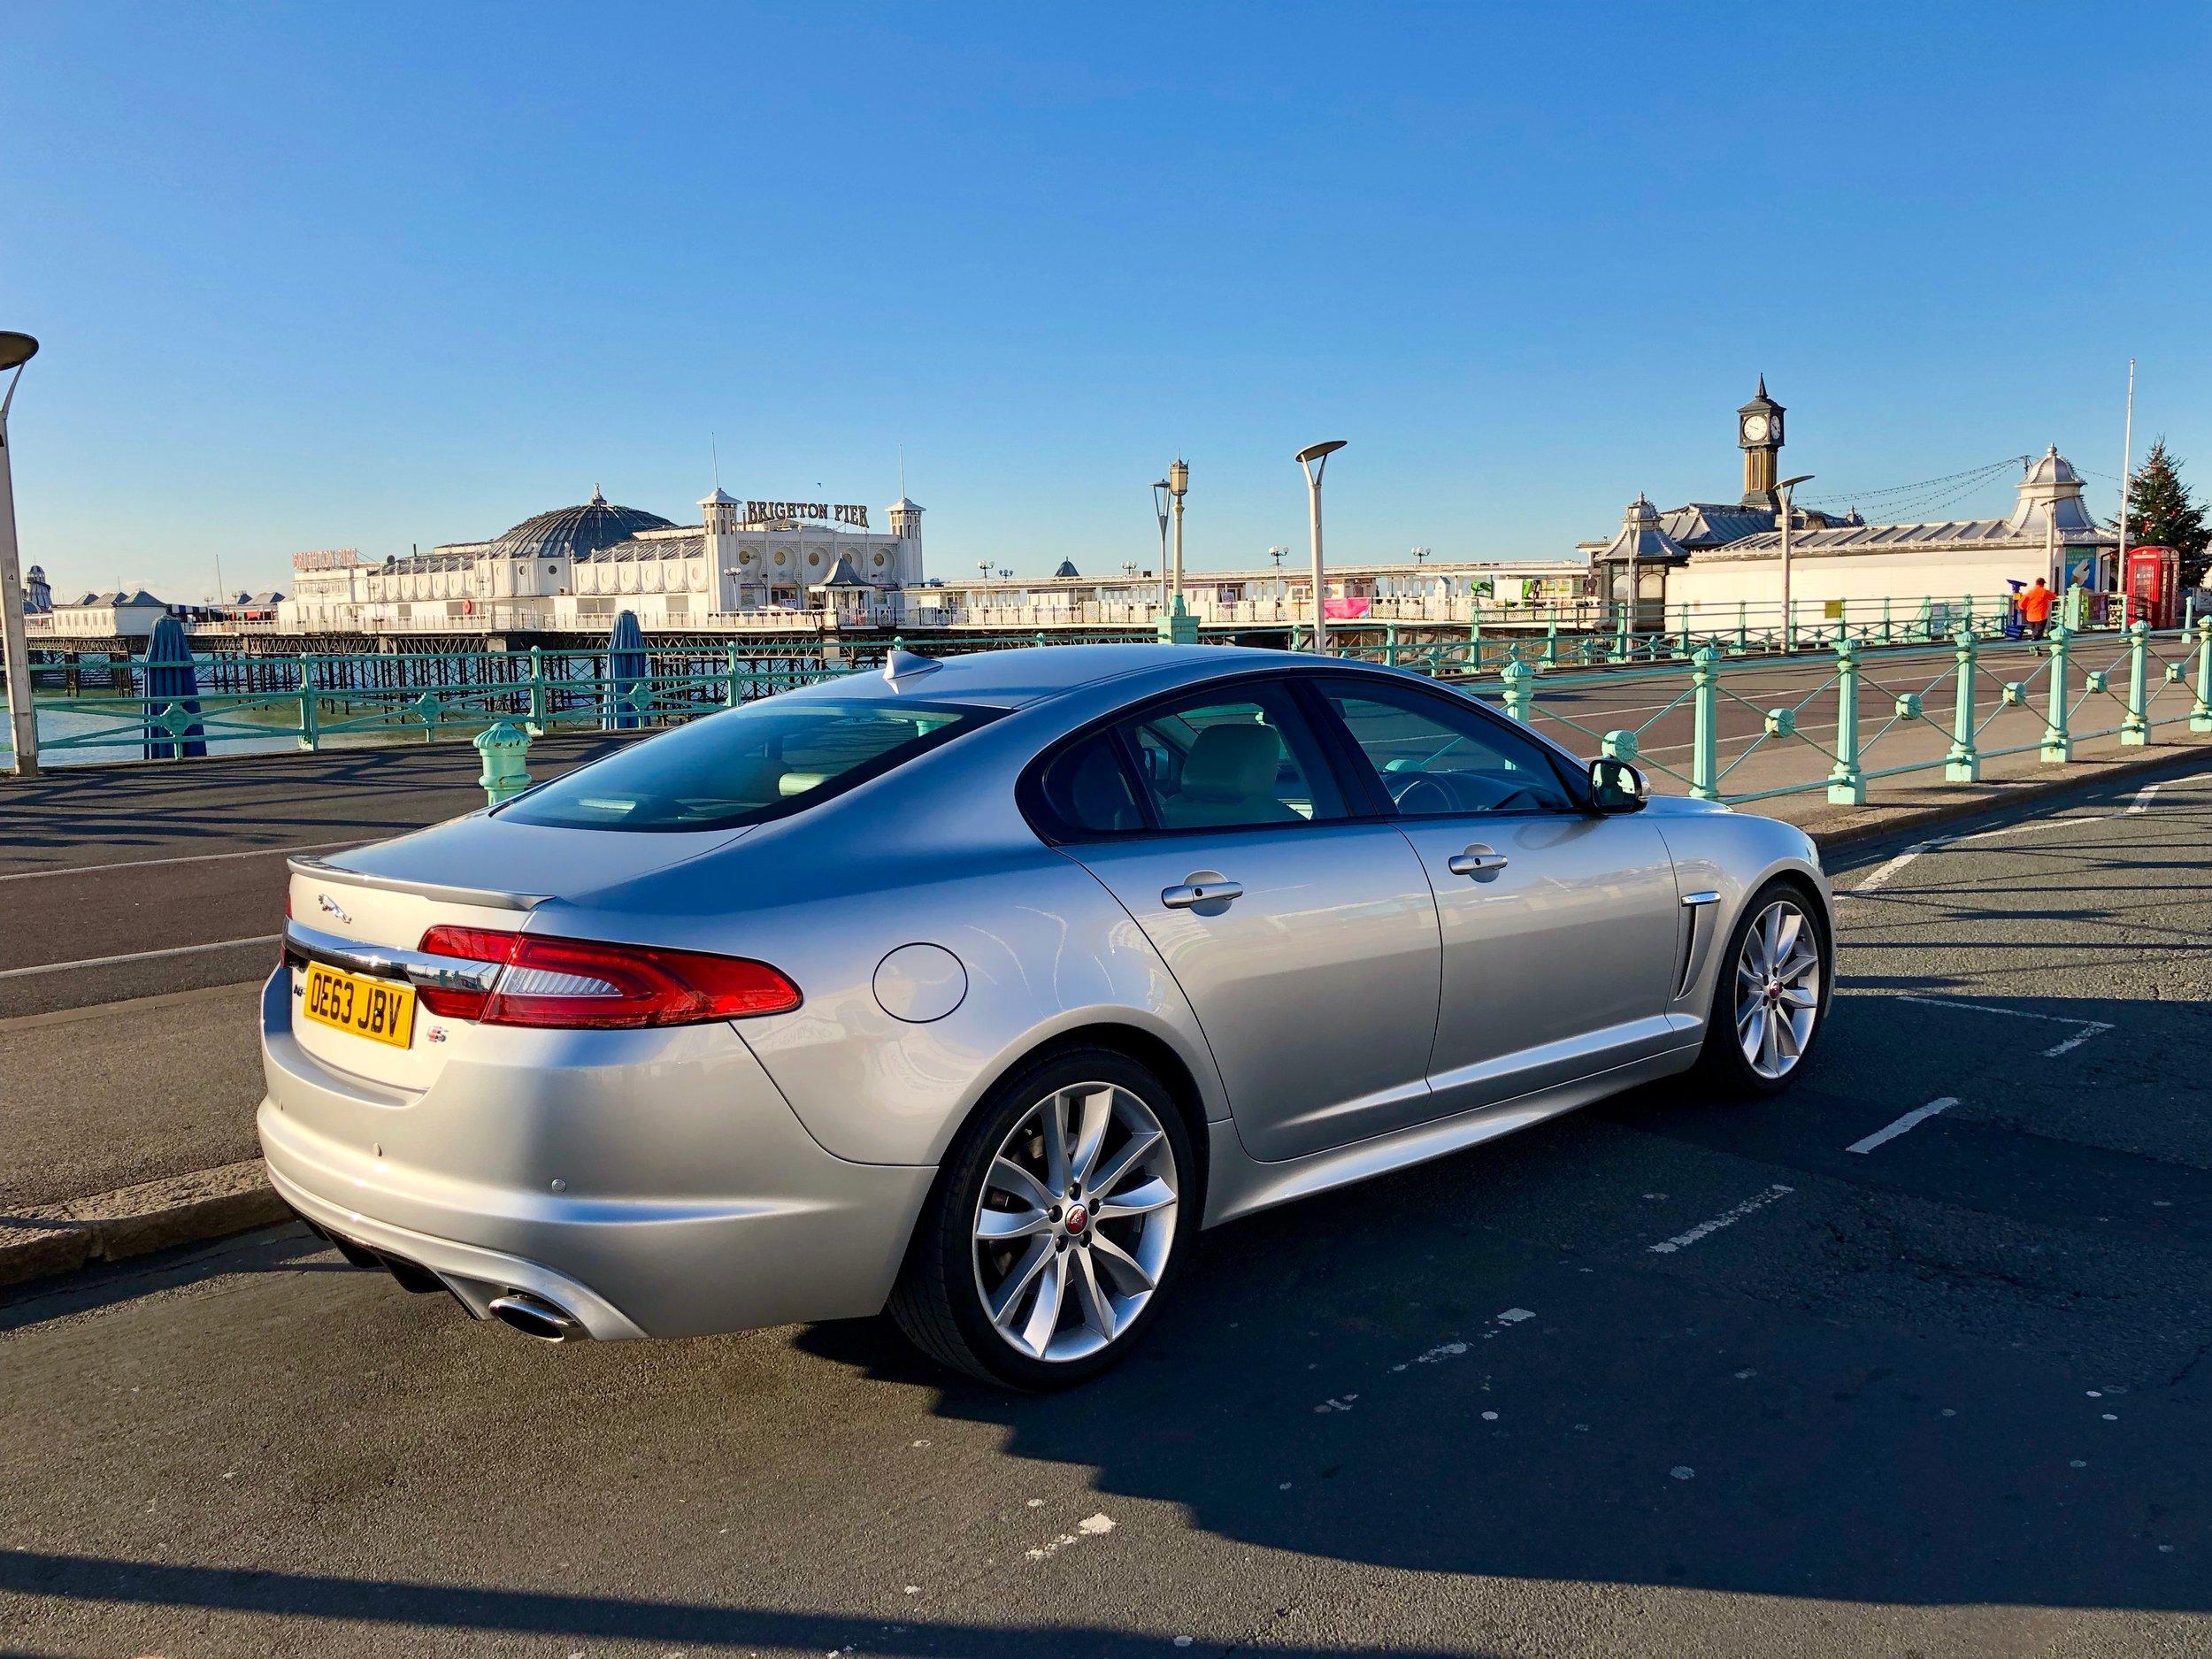 Jaguar XFS seaview